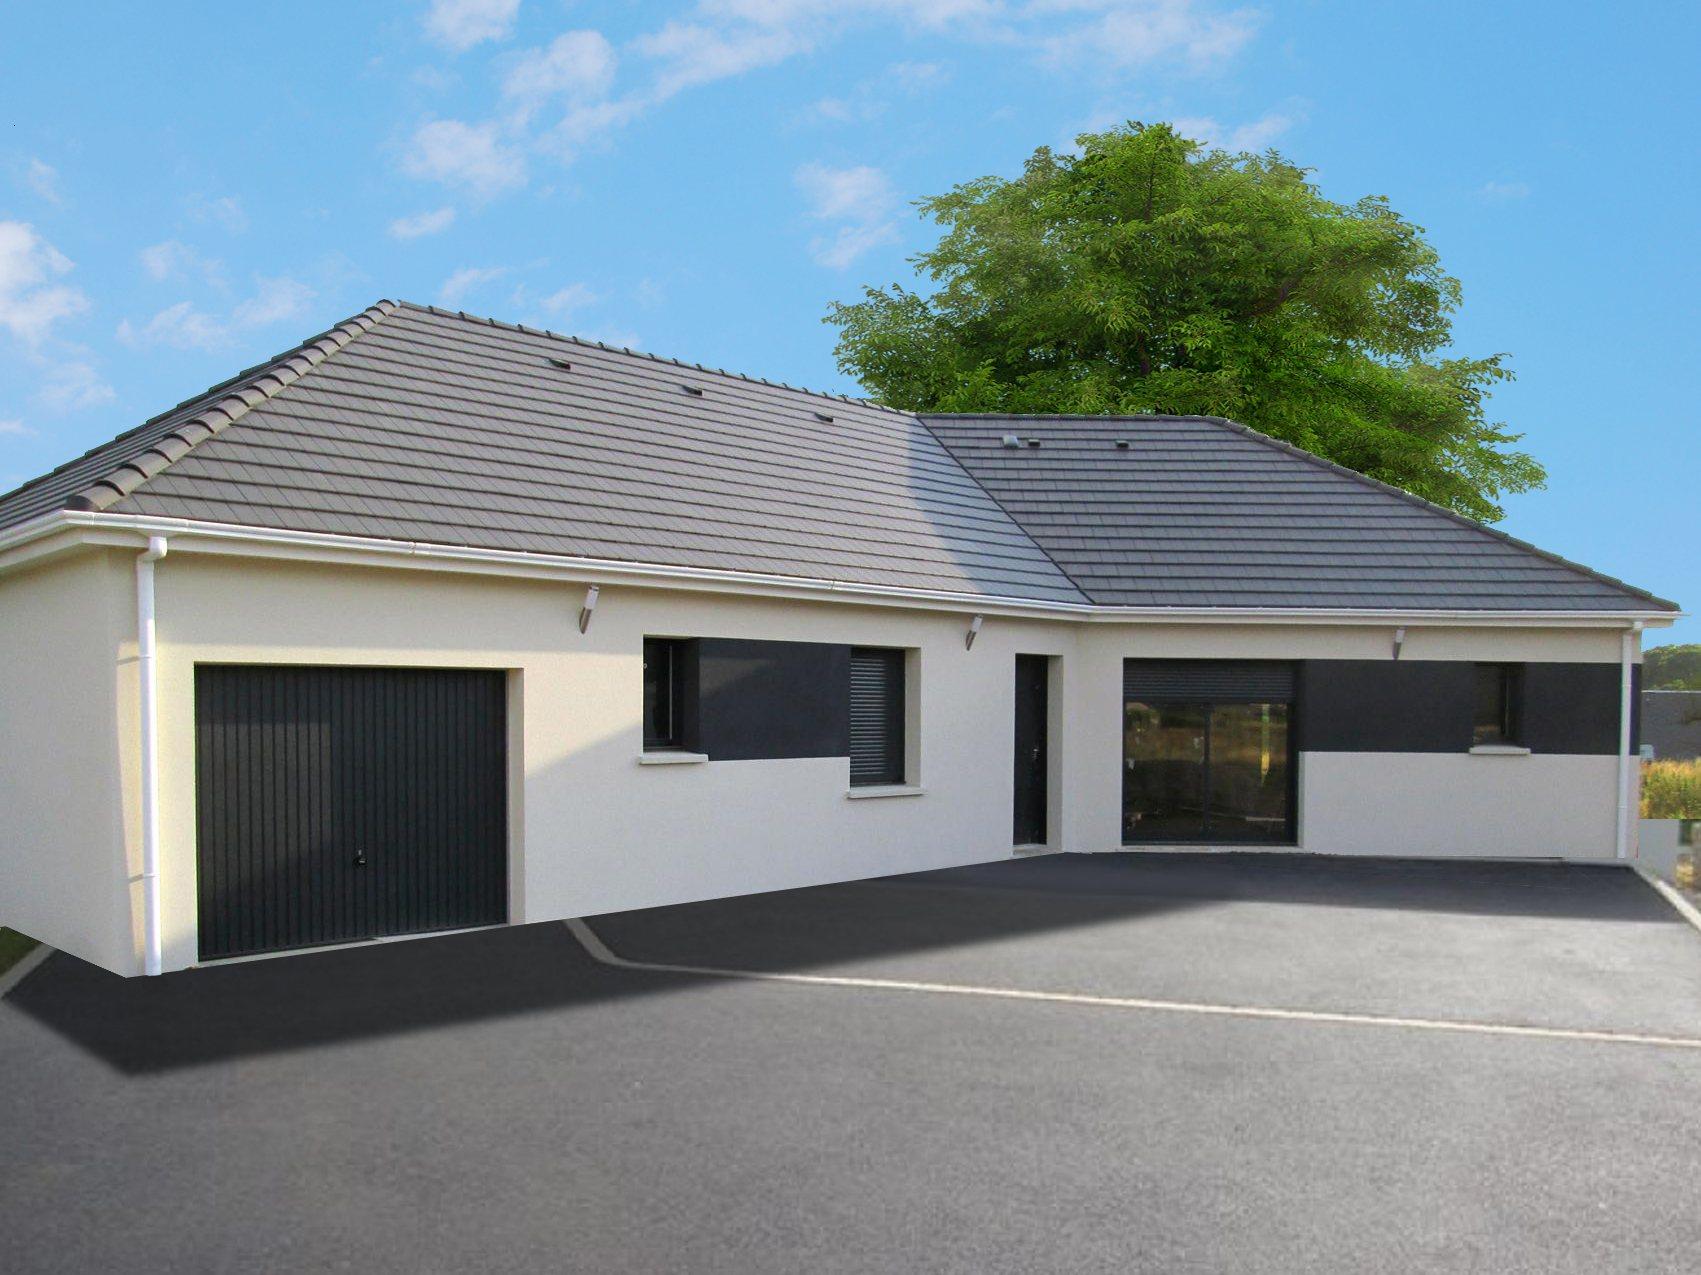 Maisons + Terrains du constructeur MAISON CASTOR • 120 m² • VERNEUIL SUR AVRE